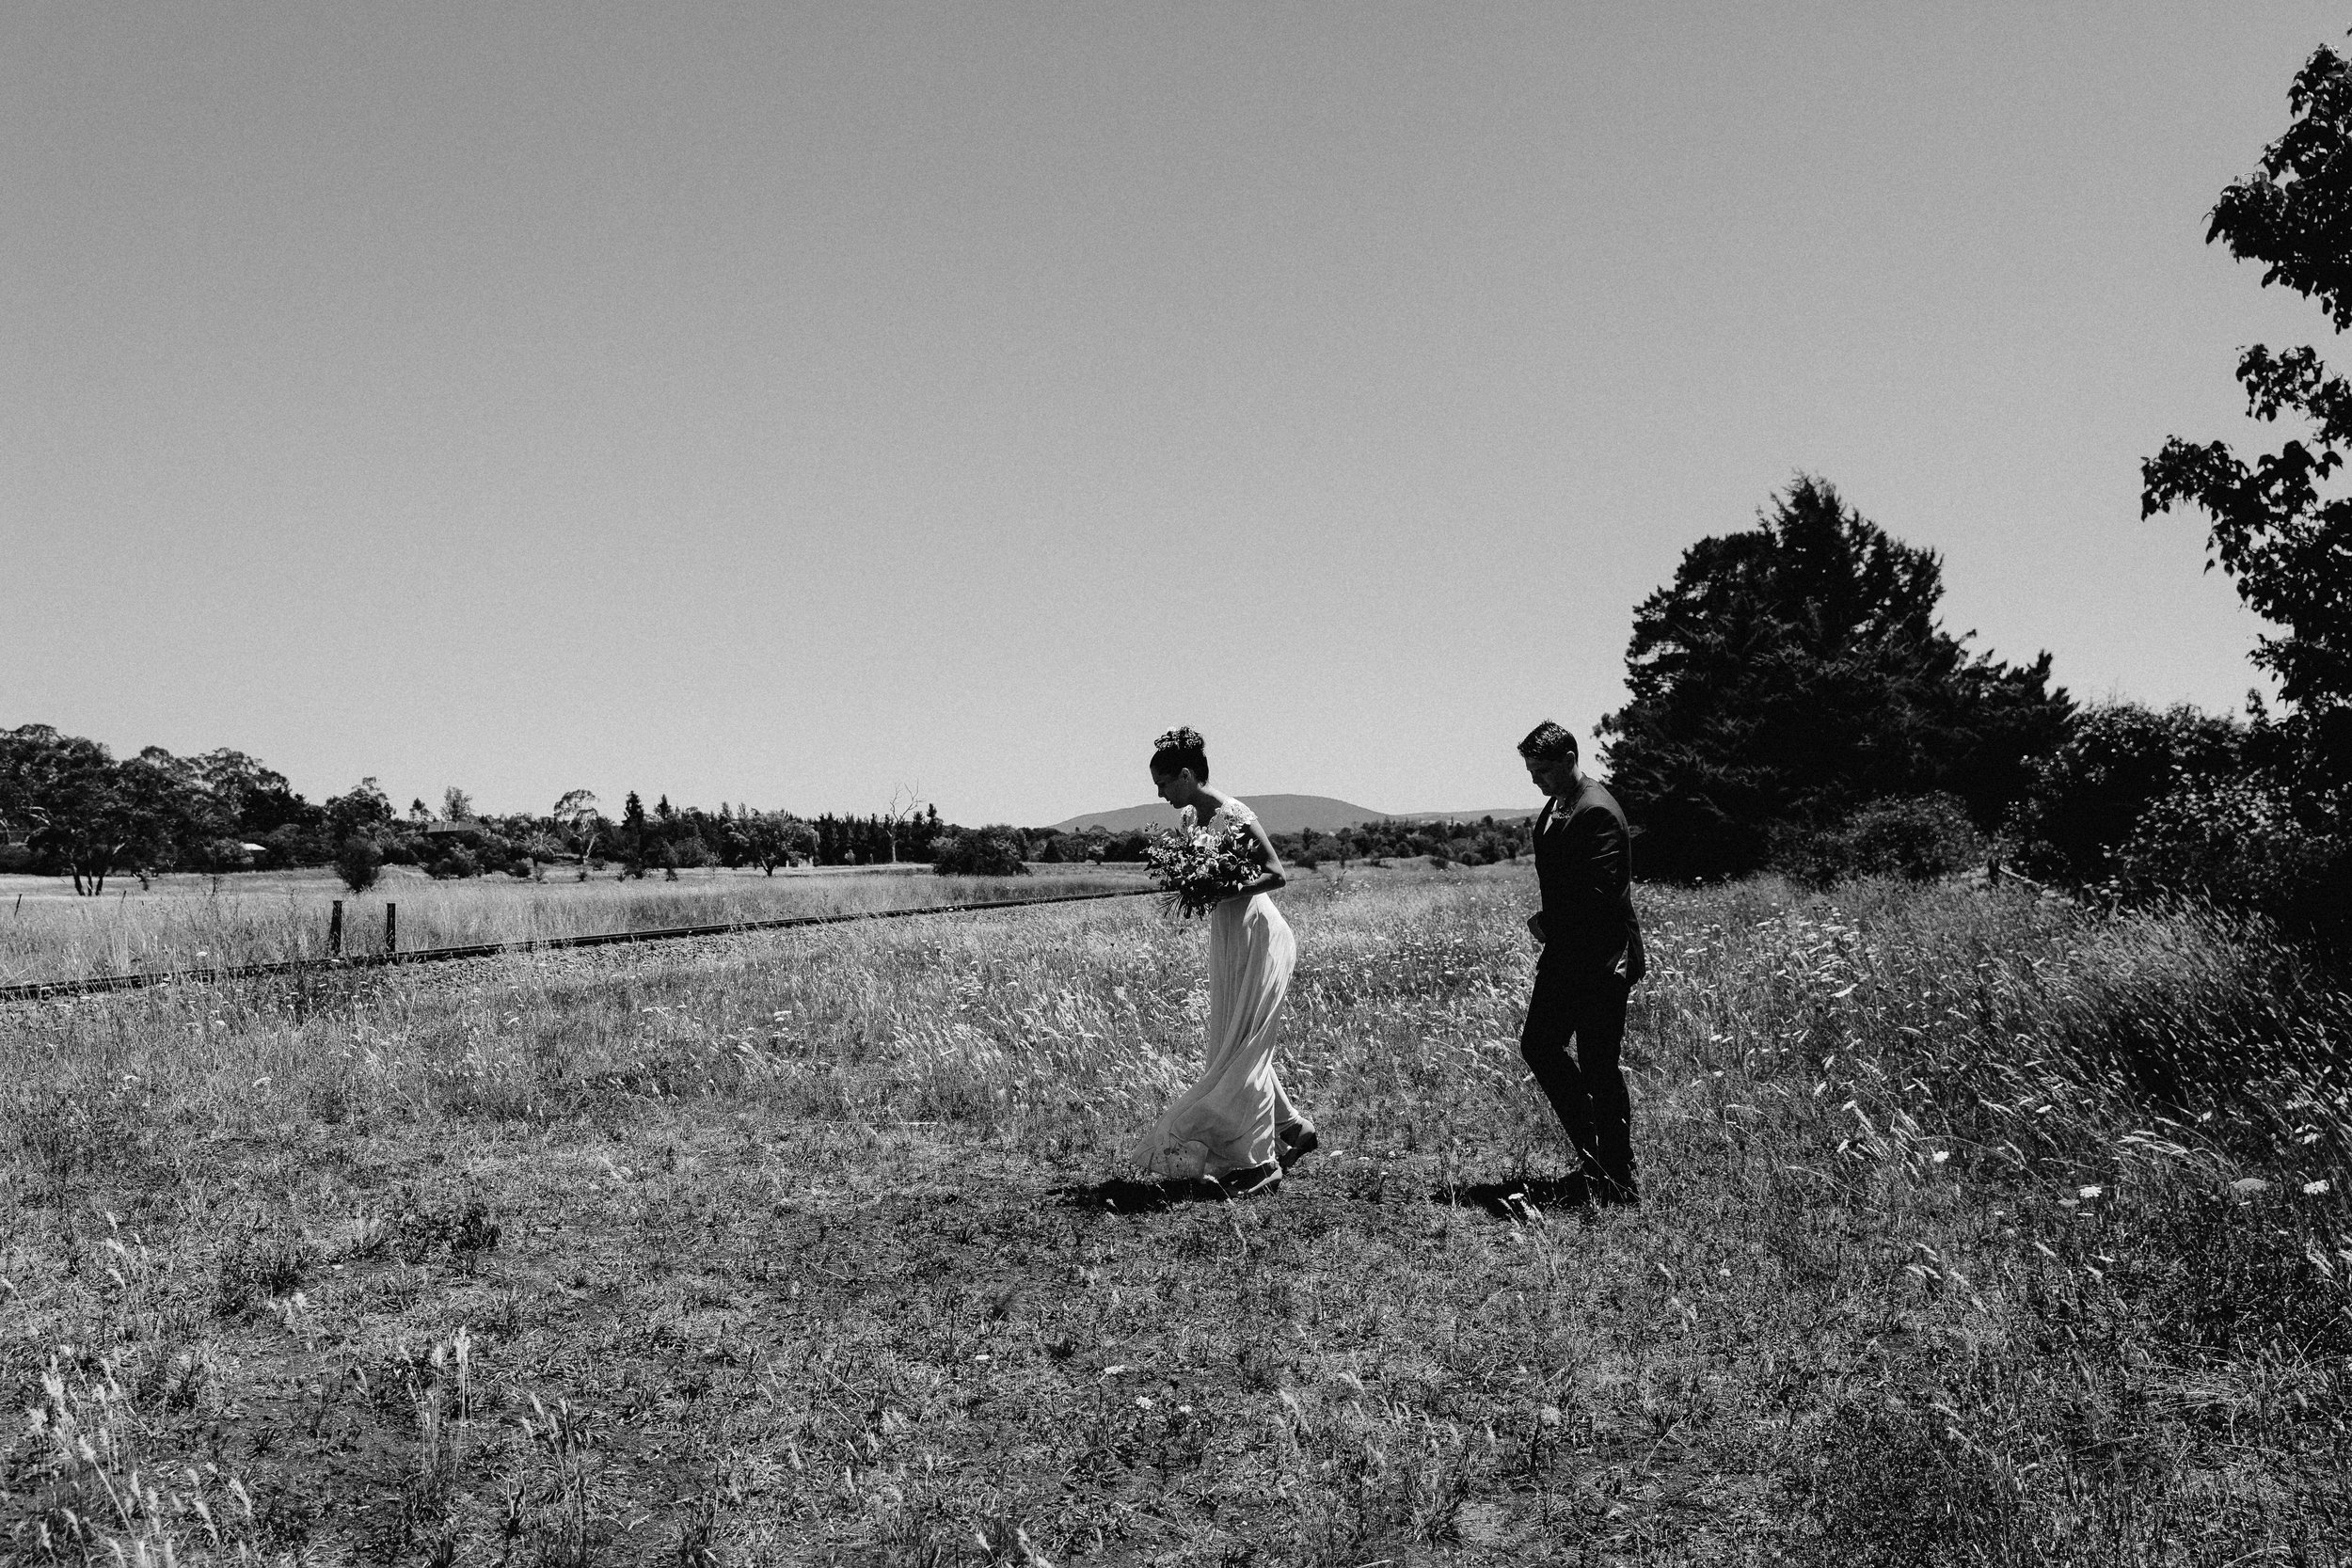 Lachlan-Jordan-Photography-5880.jpg